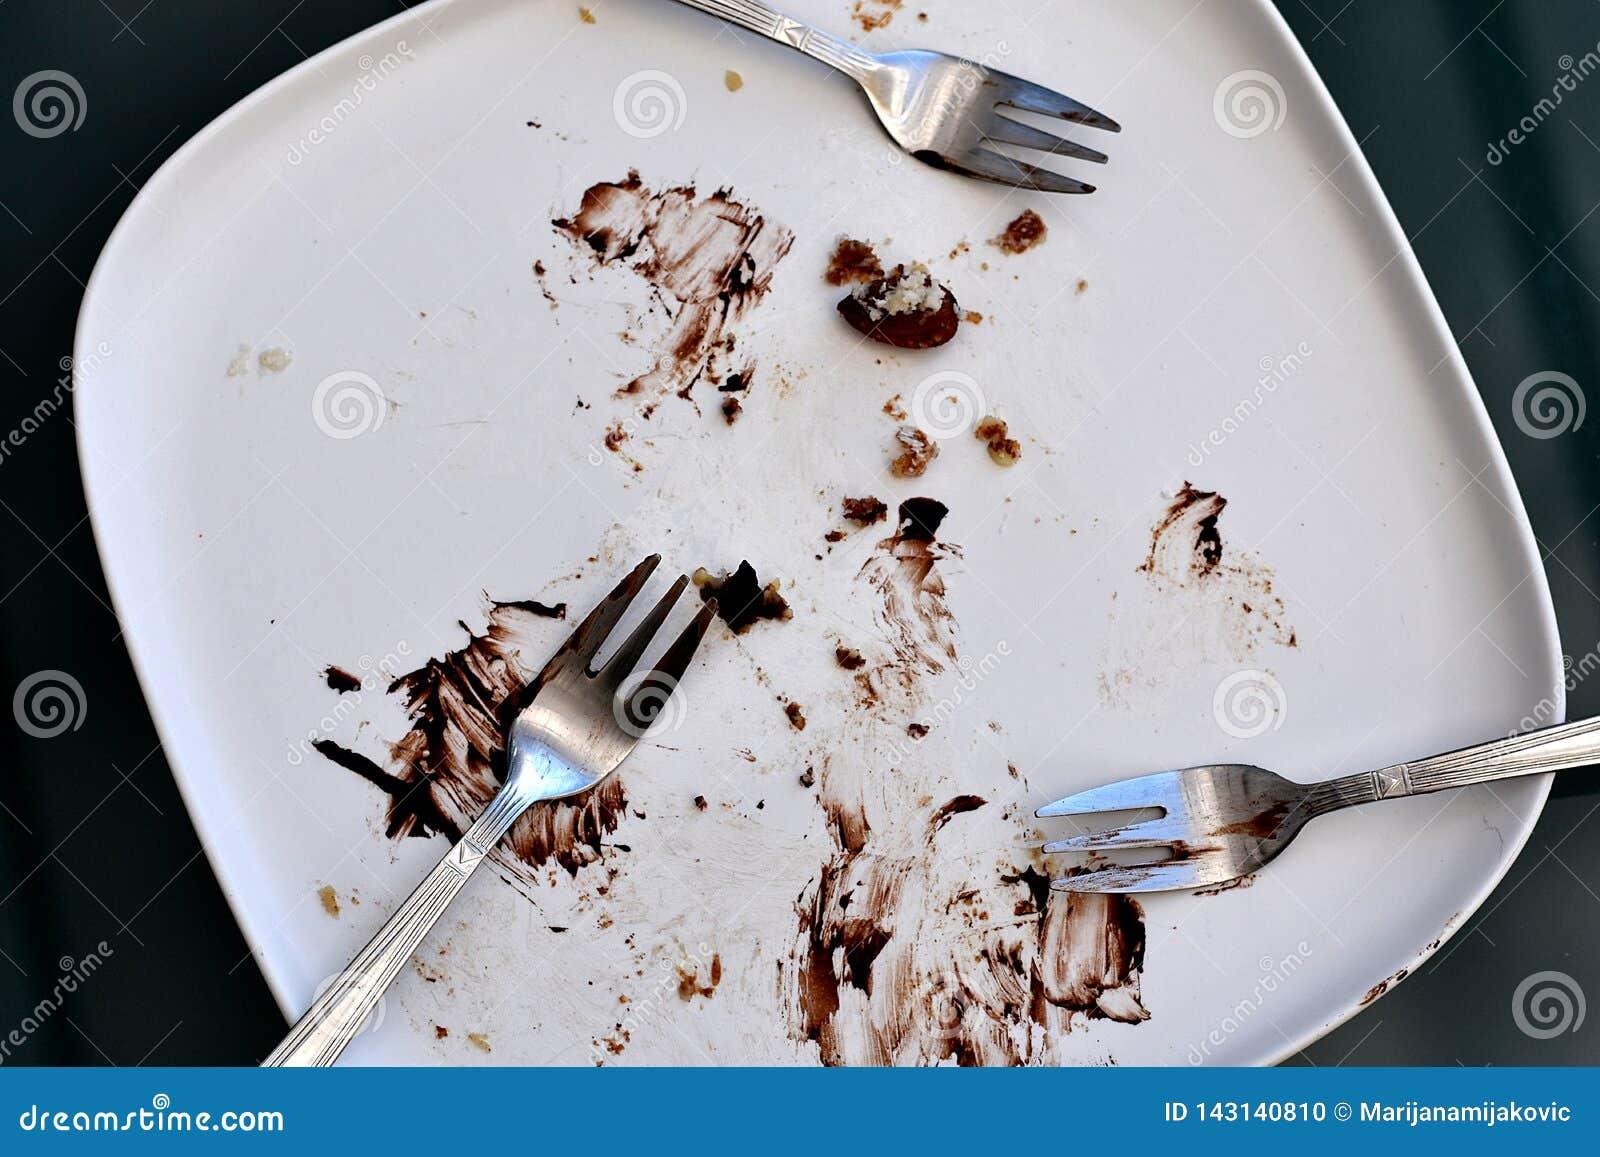 Placa rectangular mate blanca vacía y manchada con los restos de una torta y de las migas de chocolate